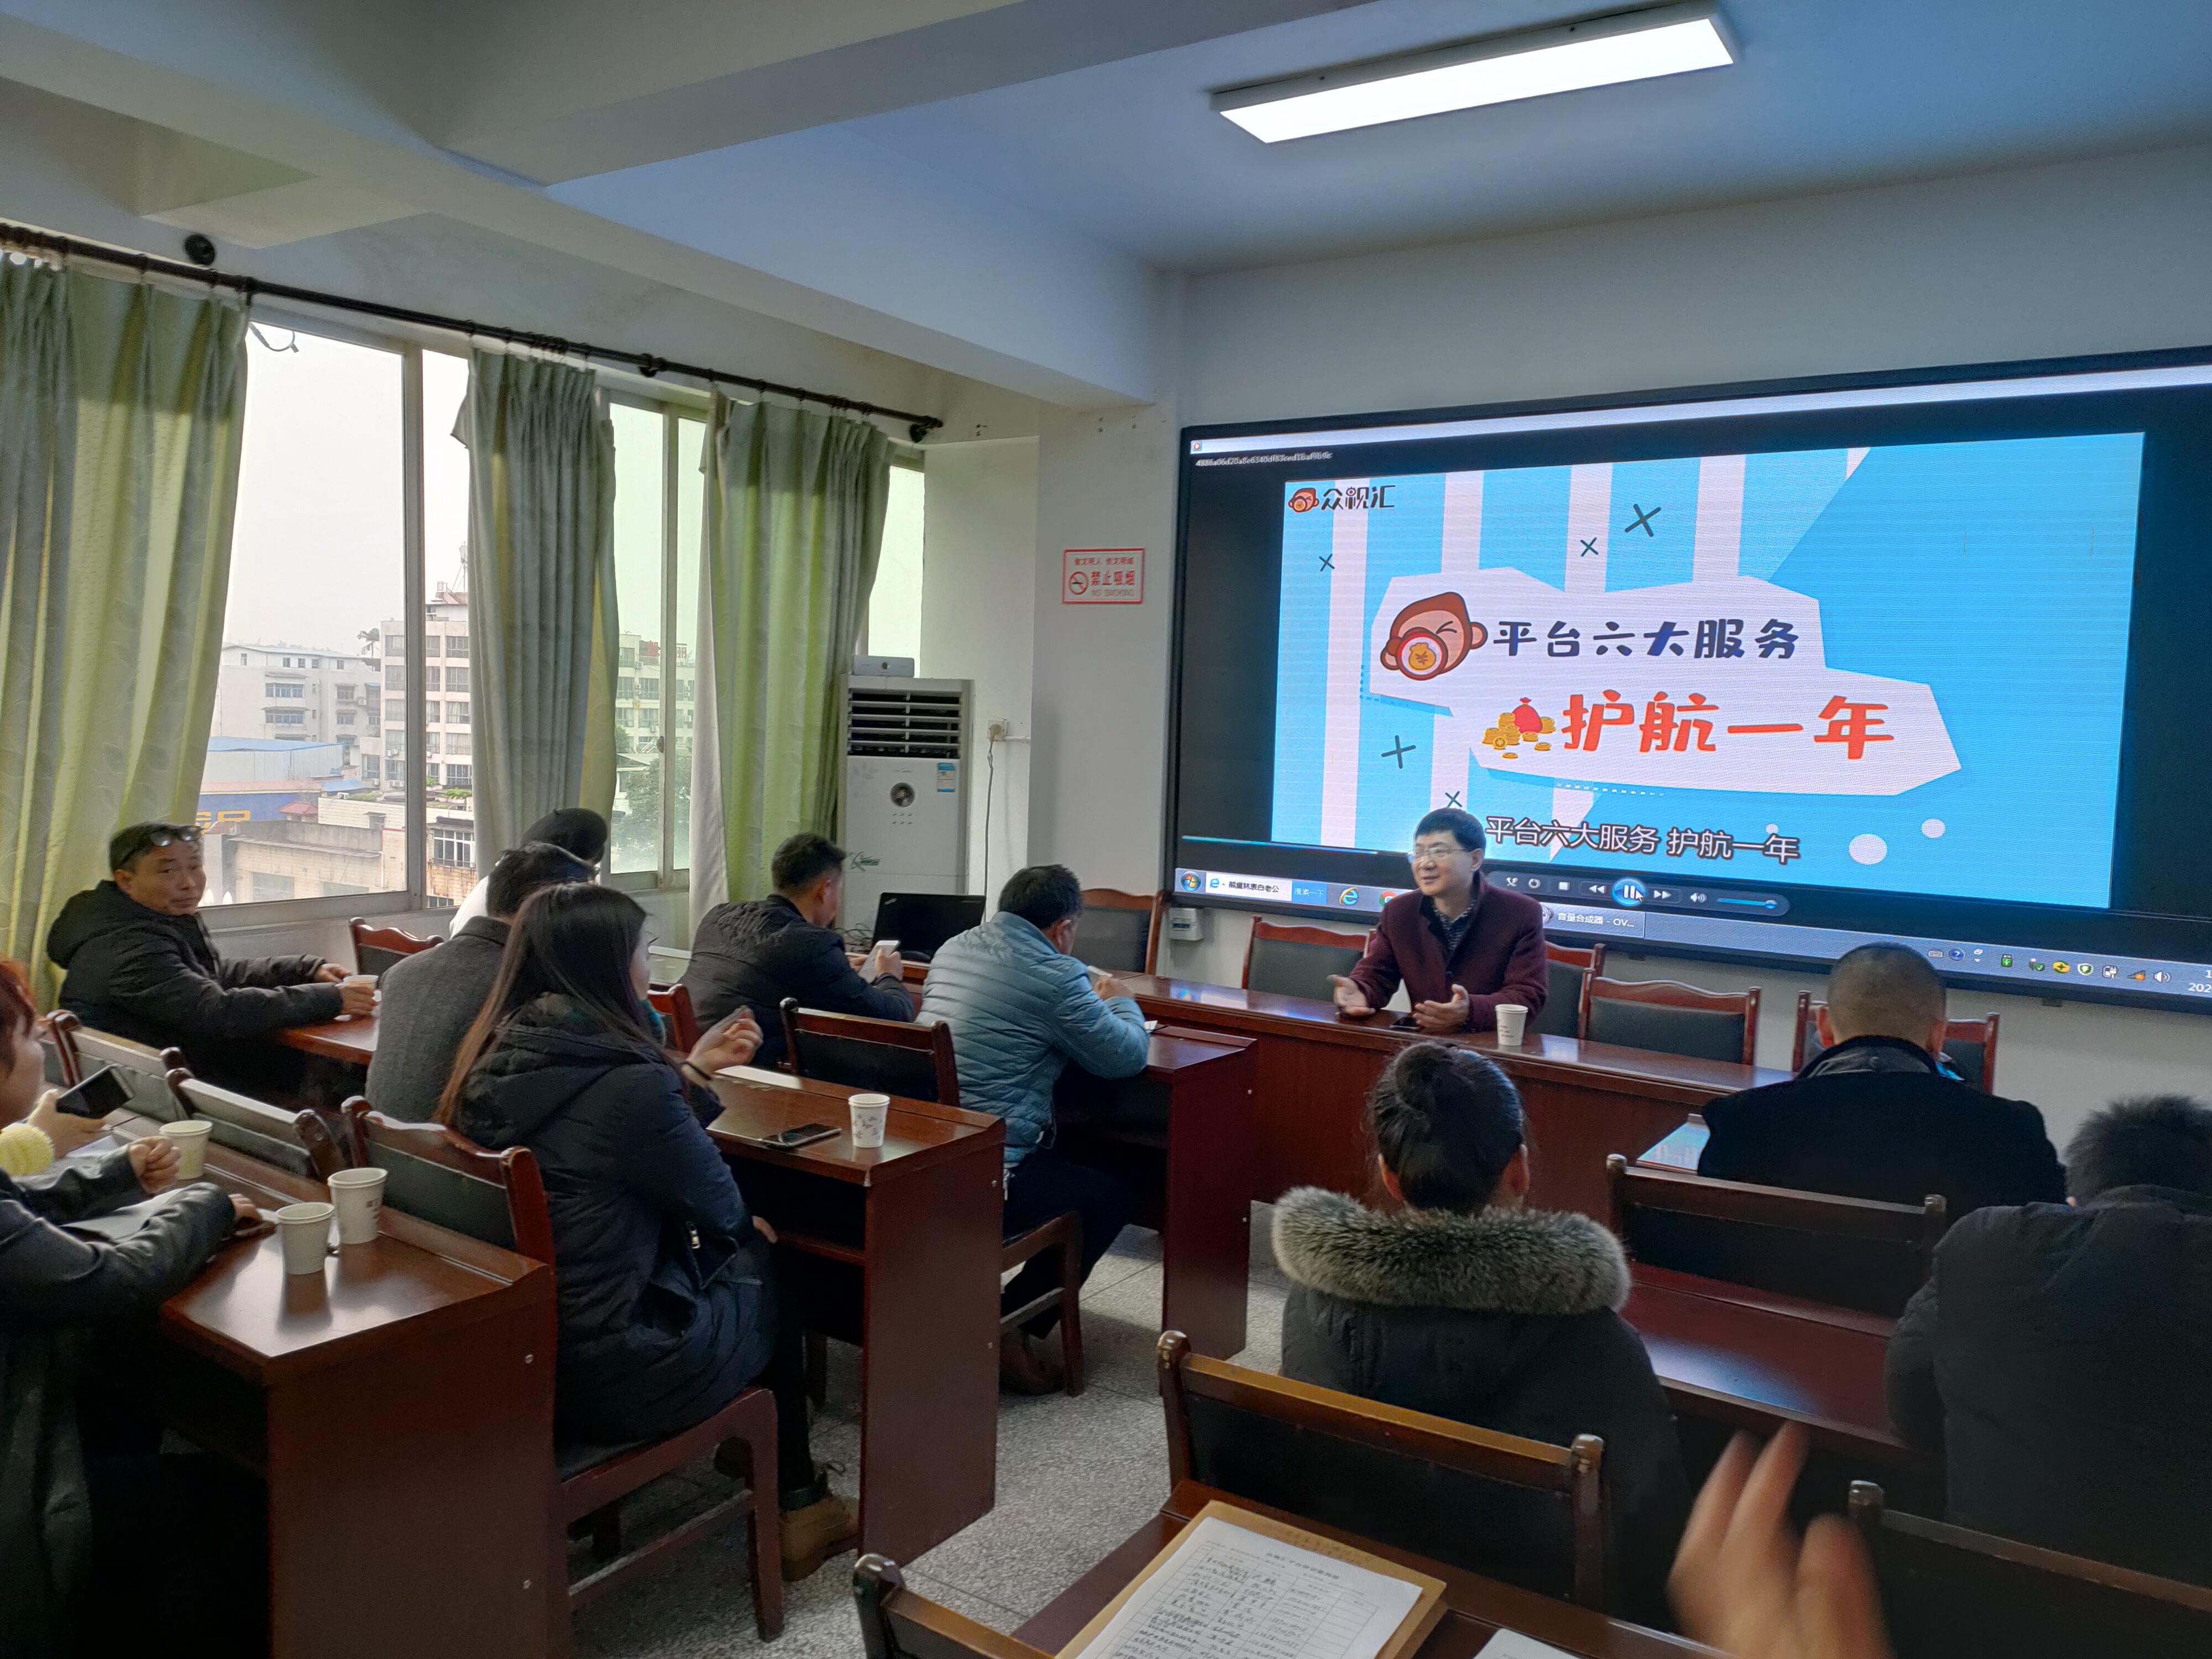 富顺县科技经信局特邀专家开展中小企业众视汇平台使用培训